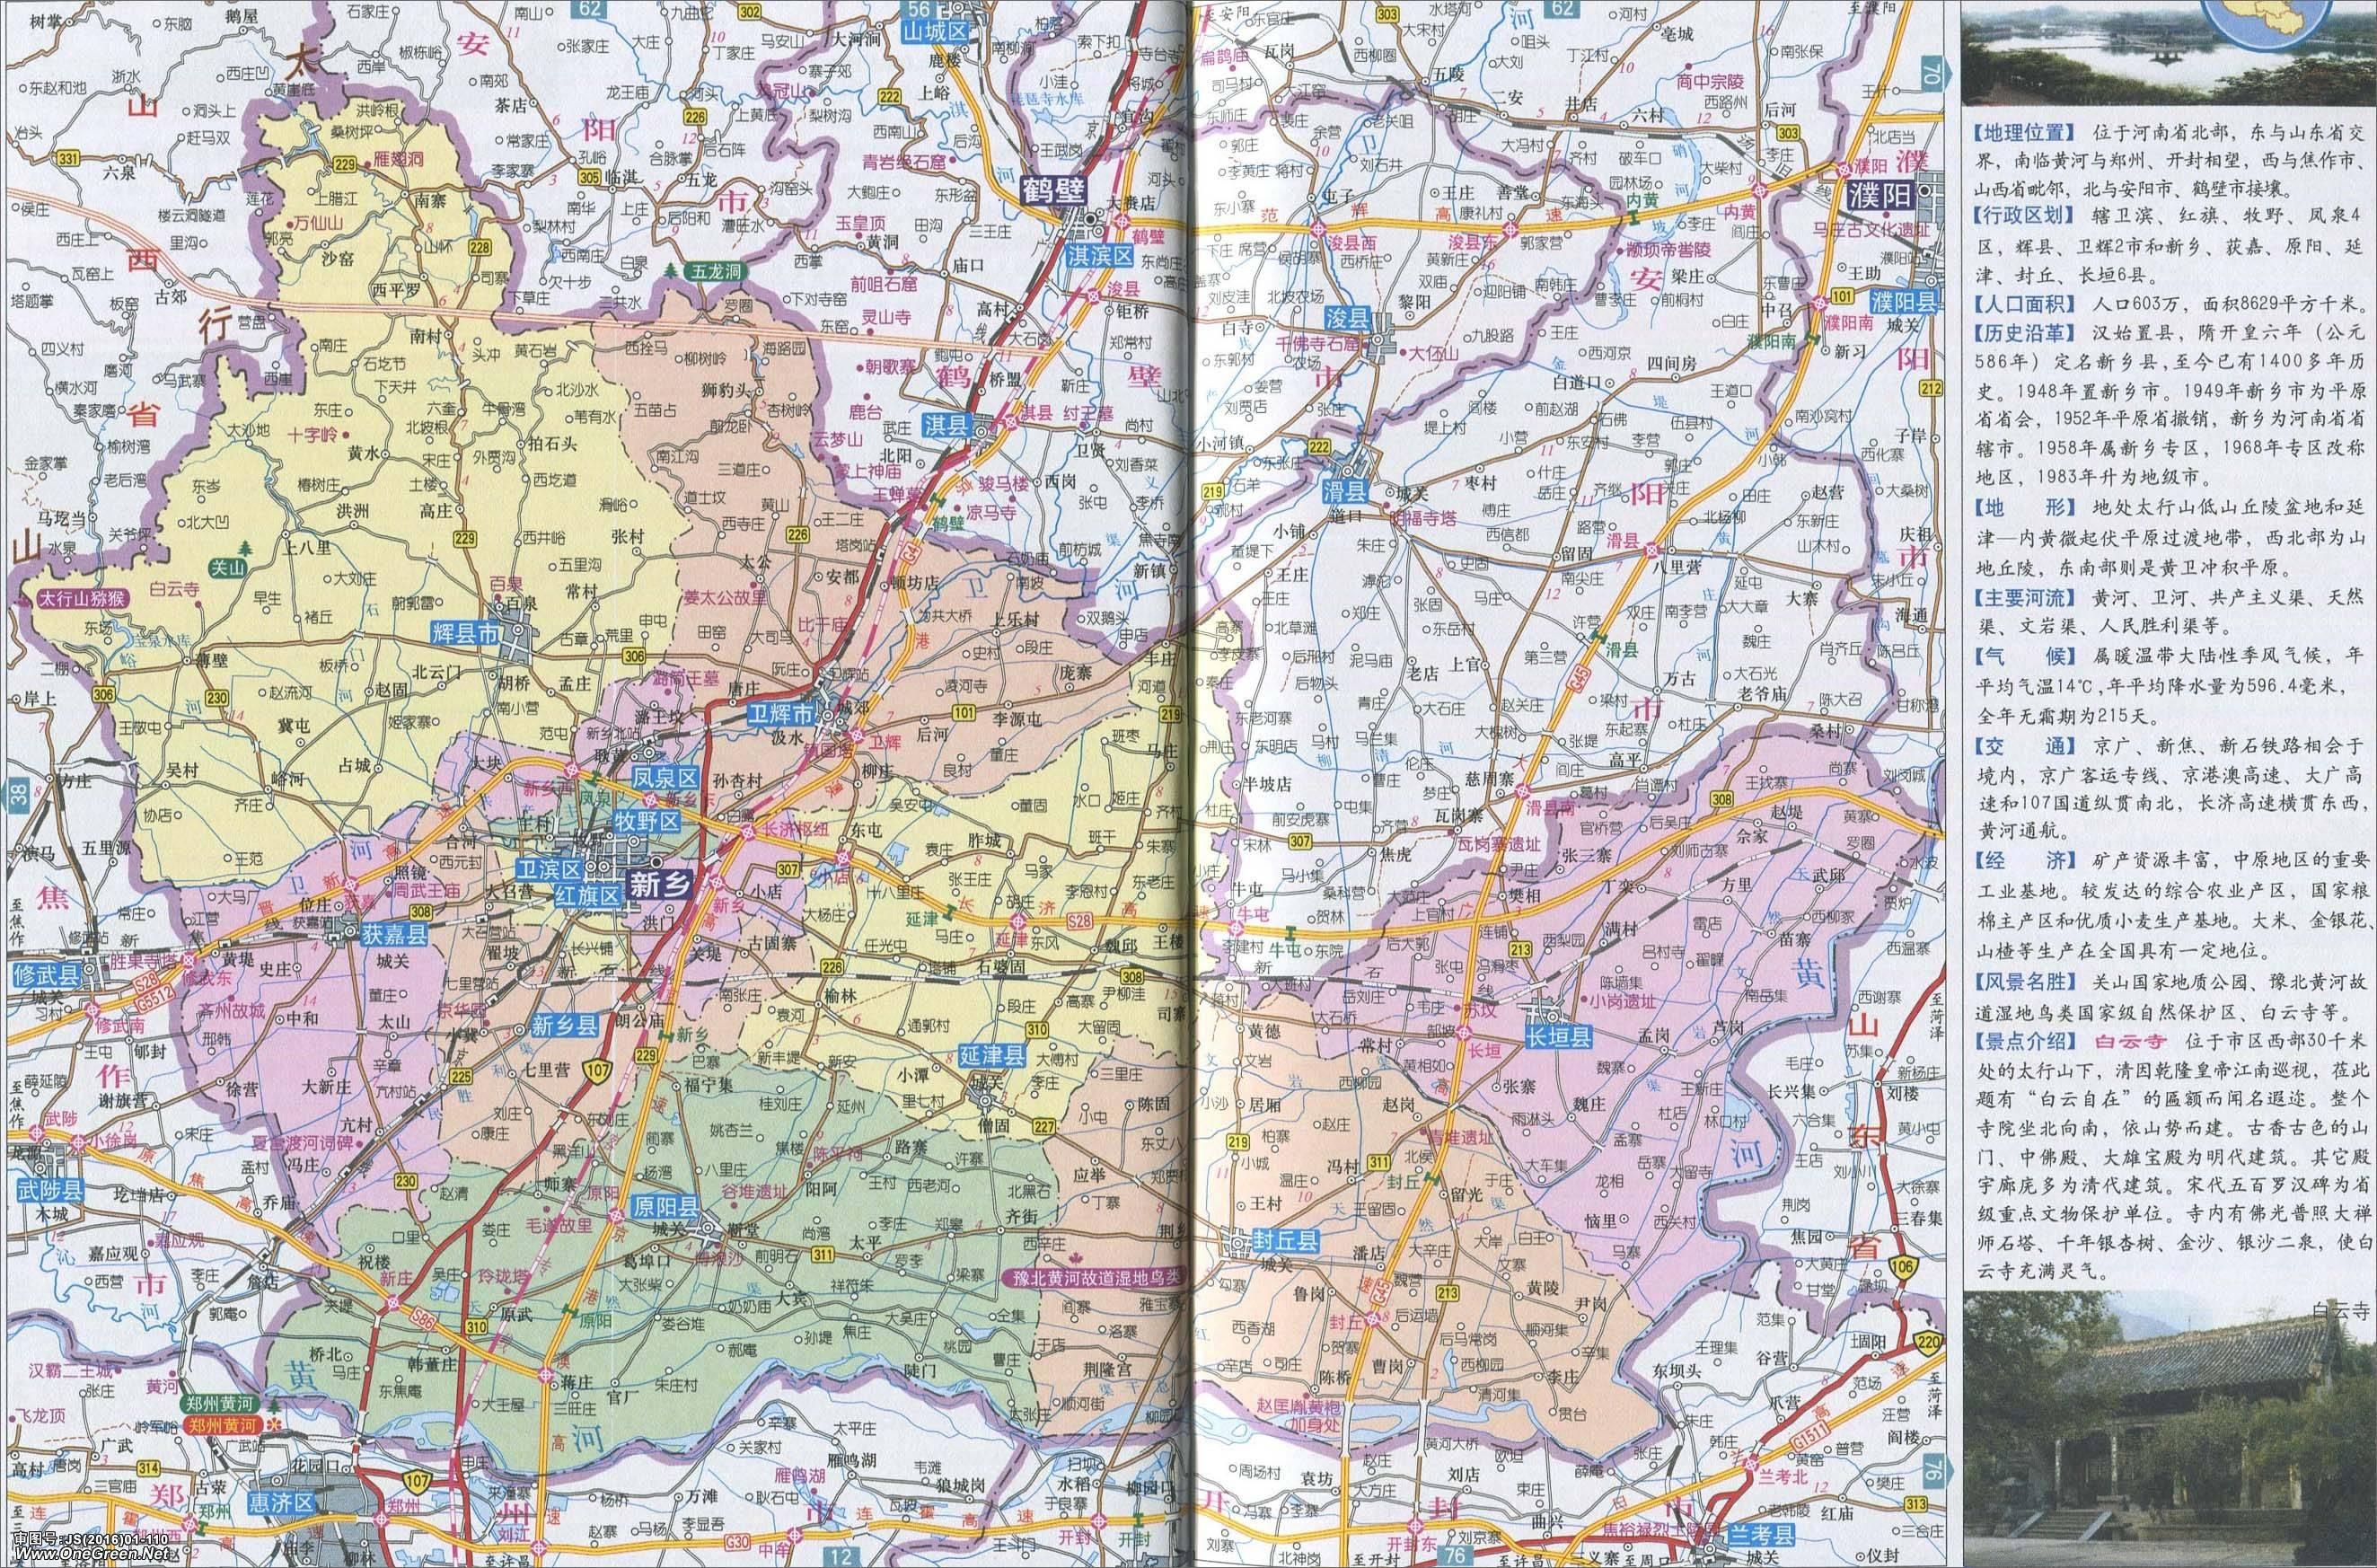 新乡市地图高清版